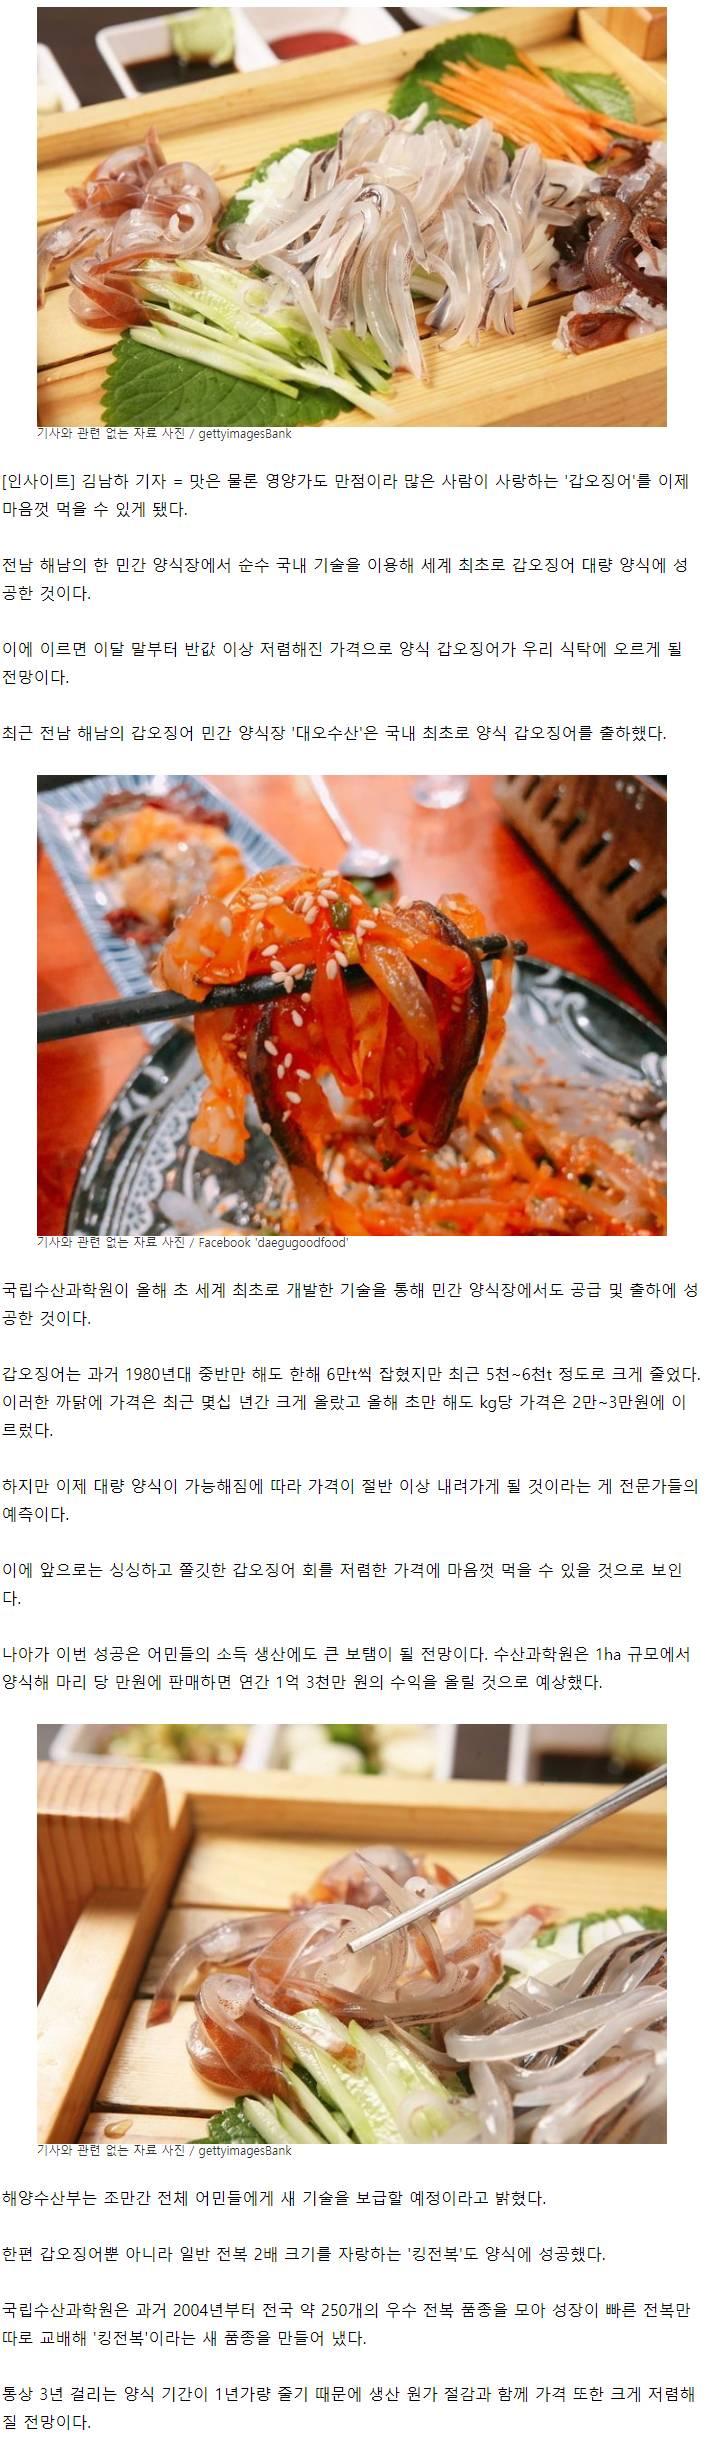 '갑오징어' 대량 양식 성공 | 인스티즈